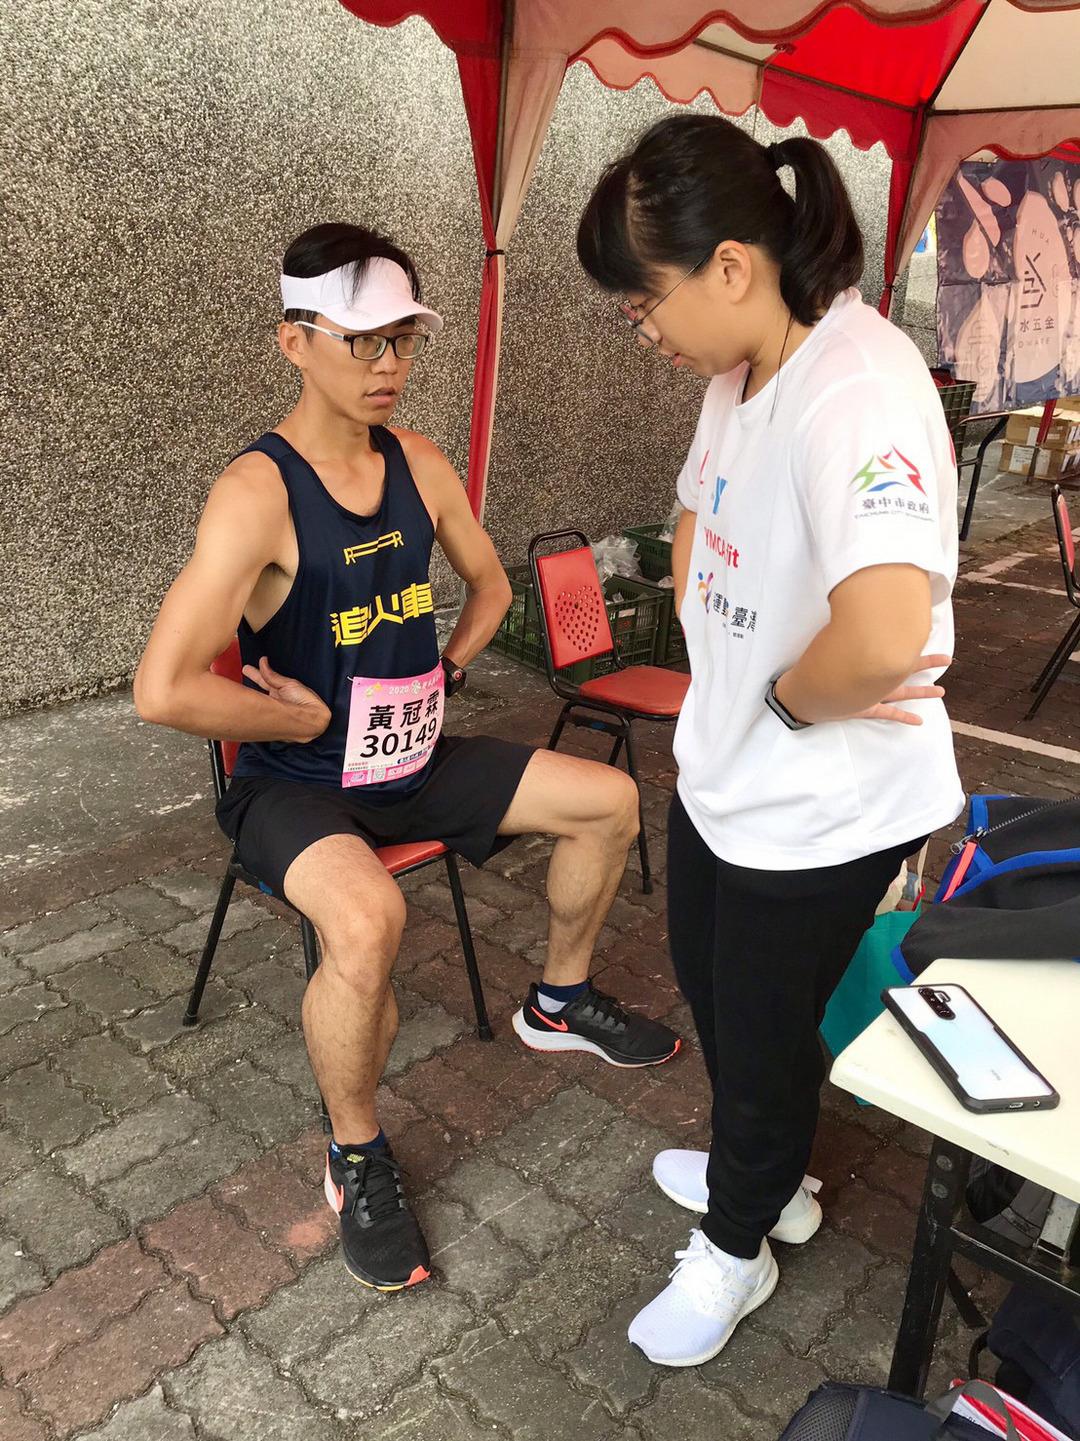 大葉大學運健系參與彰化巡迴運動指導團  為馬拉松選手按摩放鬆-大葉大學